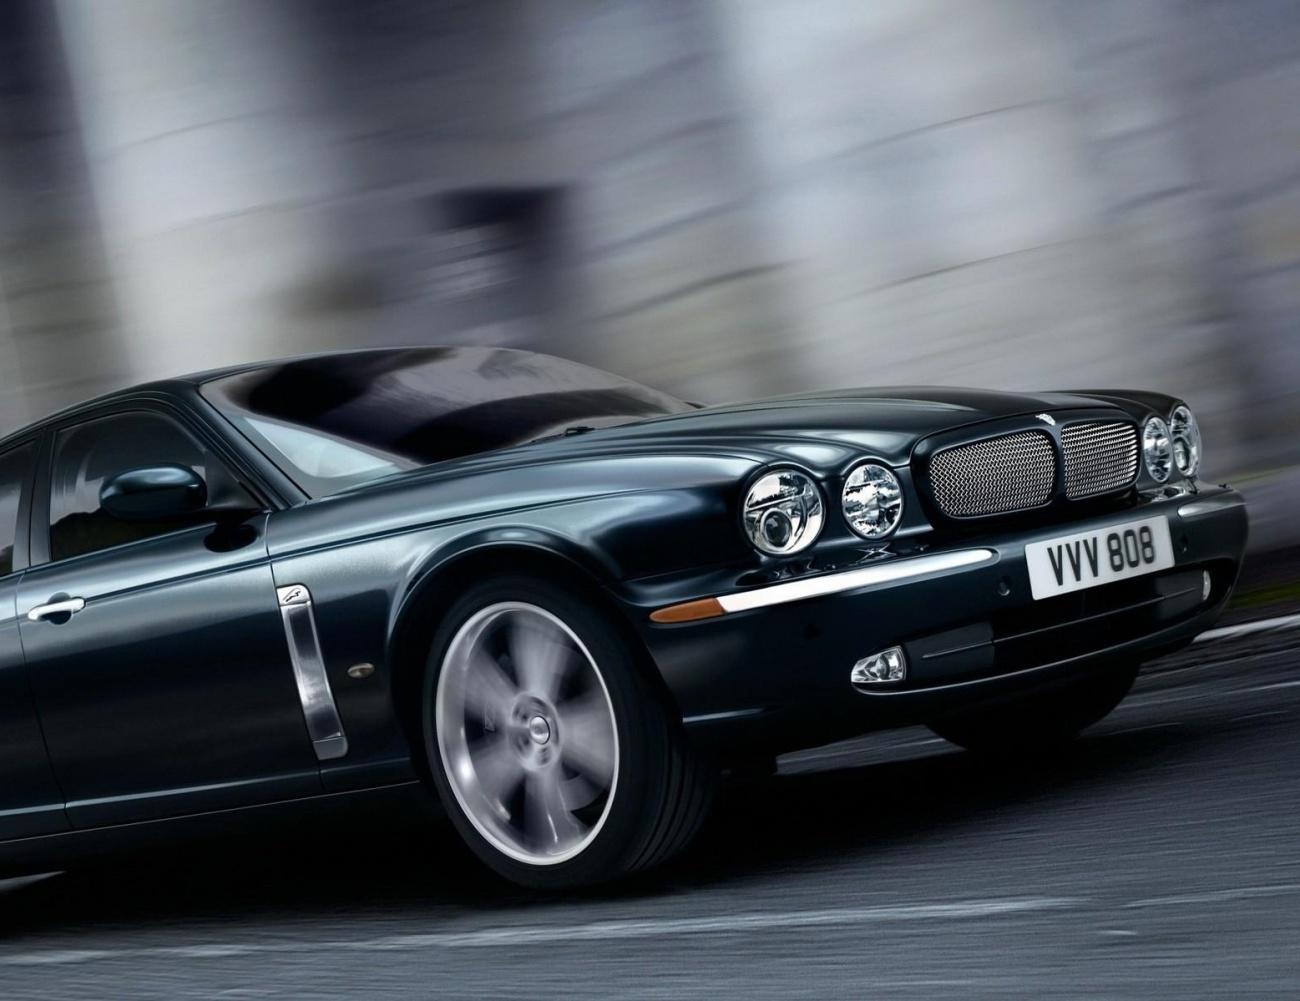 Шофёр «Jaguar» получил 2 года загромкое ДТП